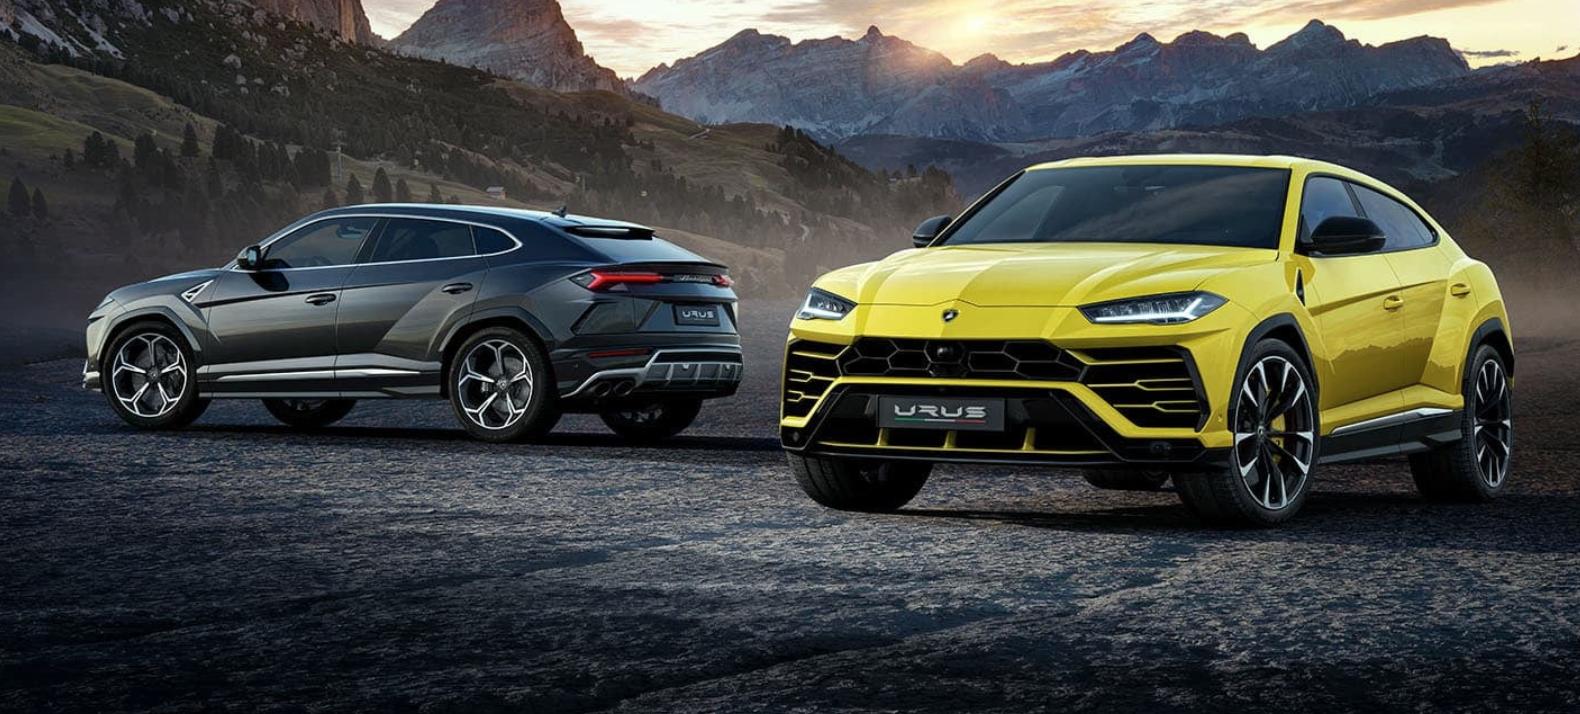 В Барселоне появится центр продаж автомобилей знаменитого итальянского производителя Lamborghini